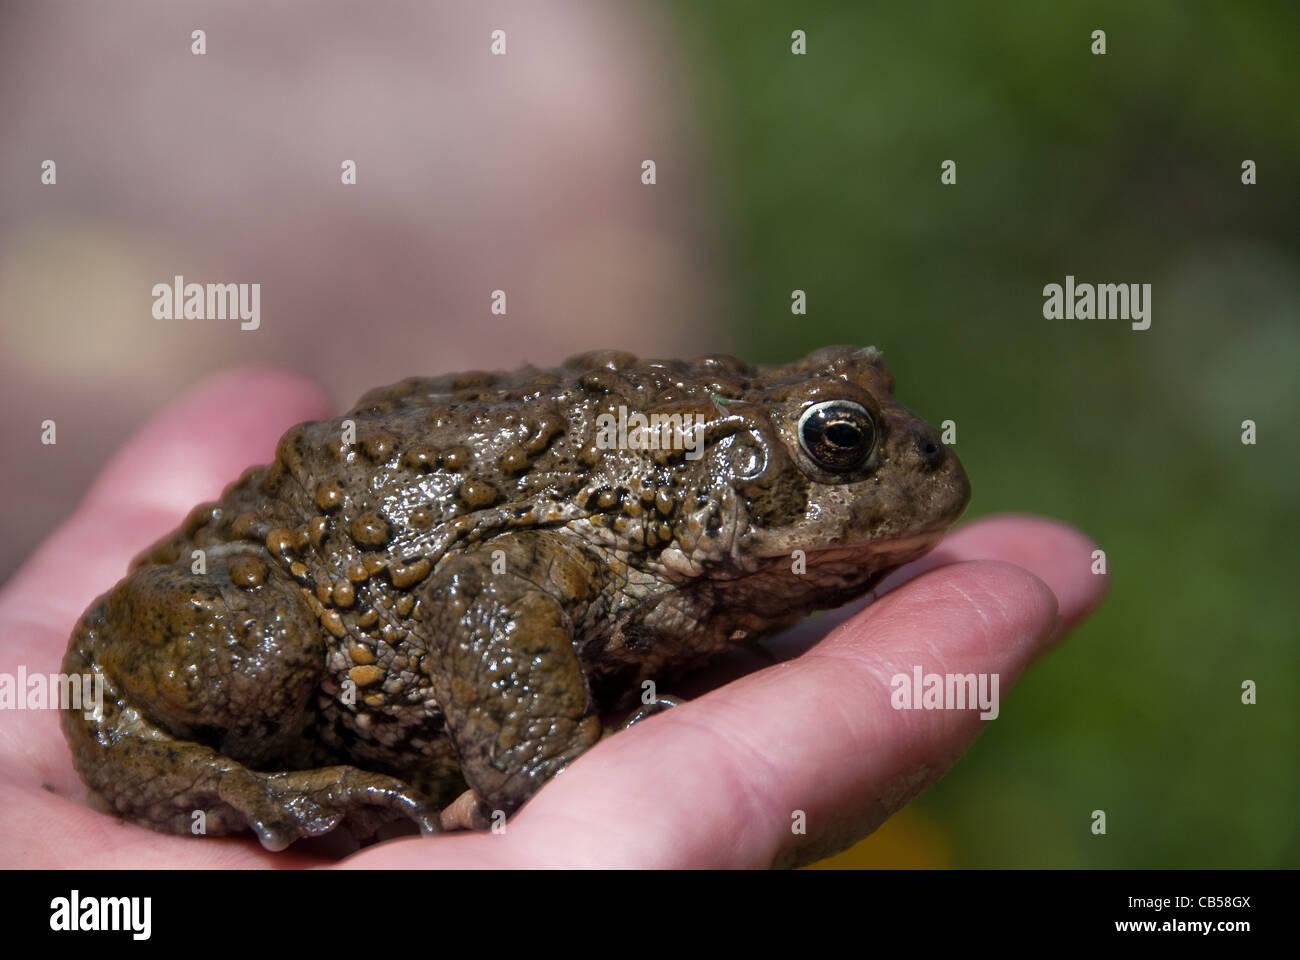 Boreal toad bufo boreas boreas weminuche wilderness colorado usa boreal toad bufo boreas boreas weminuche wilderness colorado usa sciox Image collections